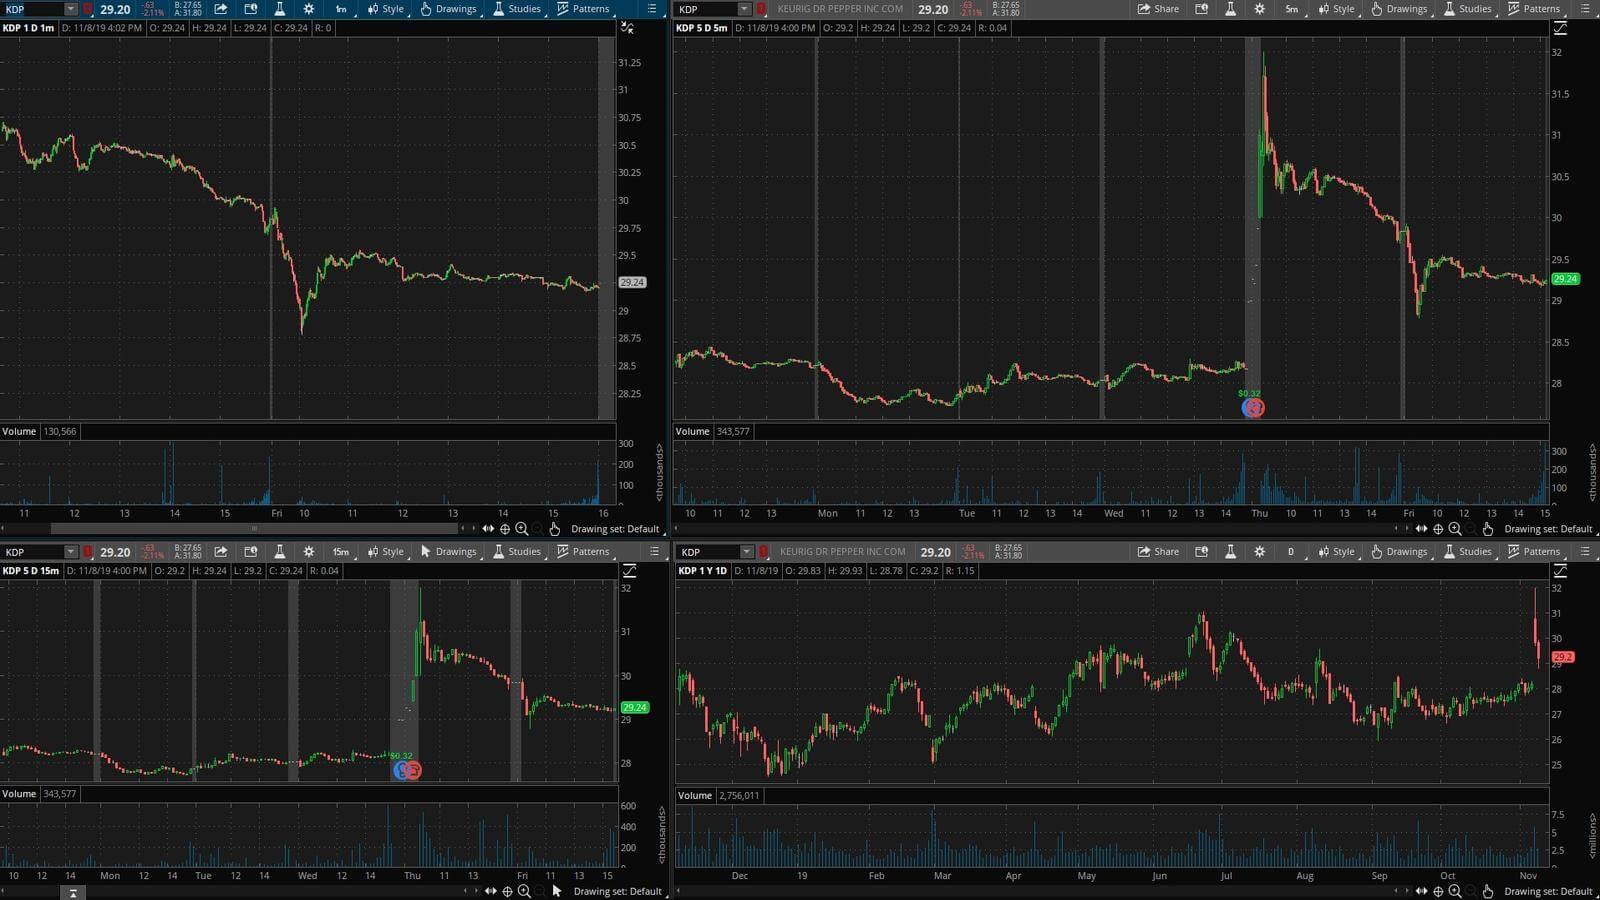 KDP - график акции на фондовой бирже